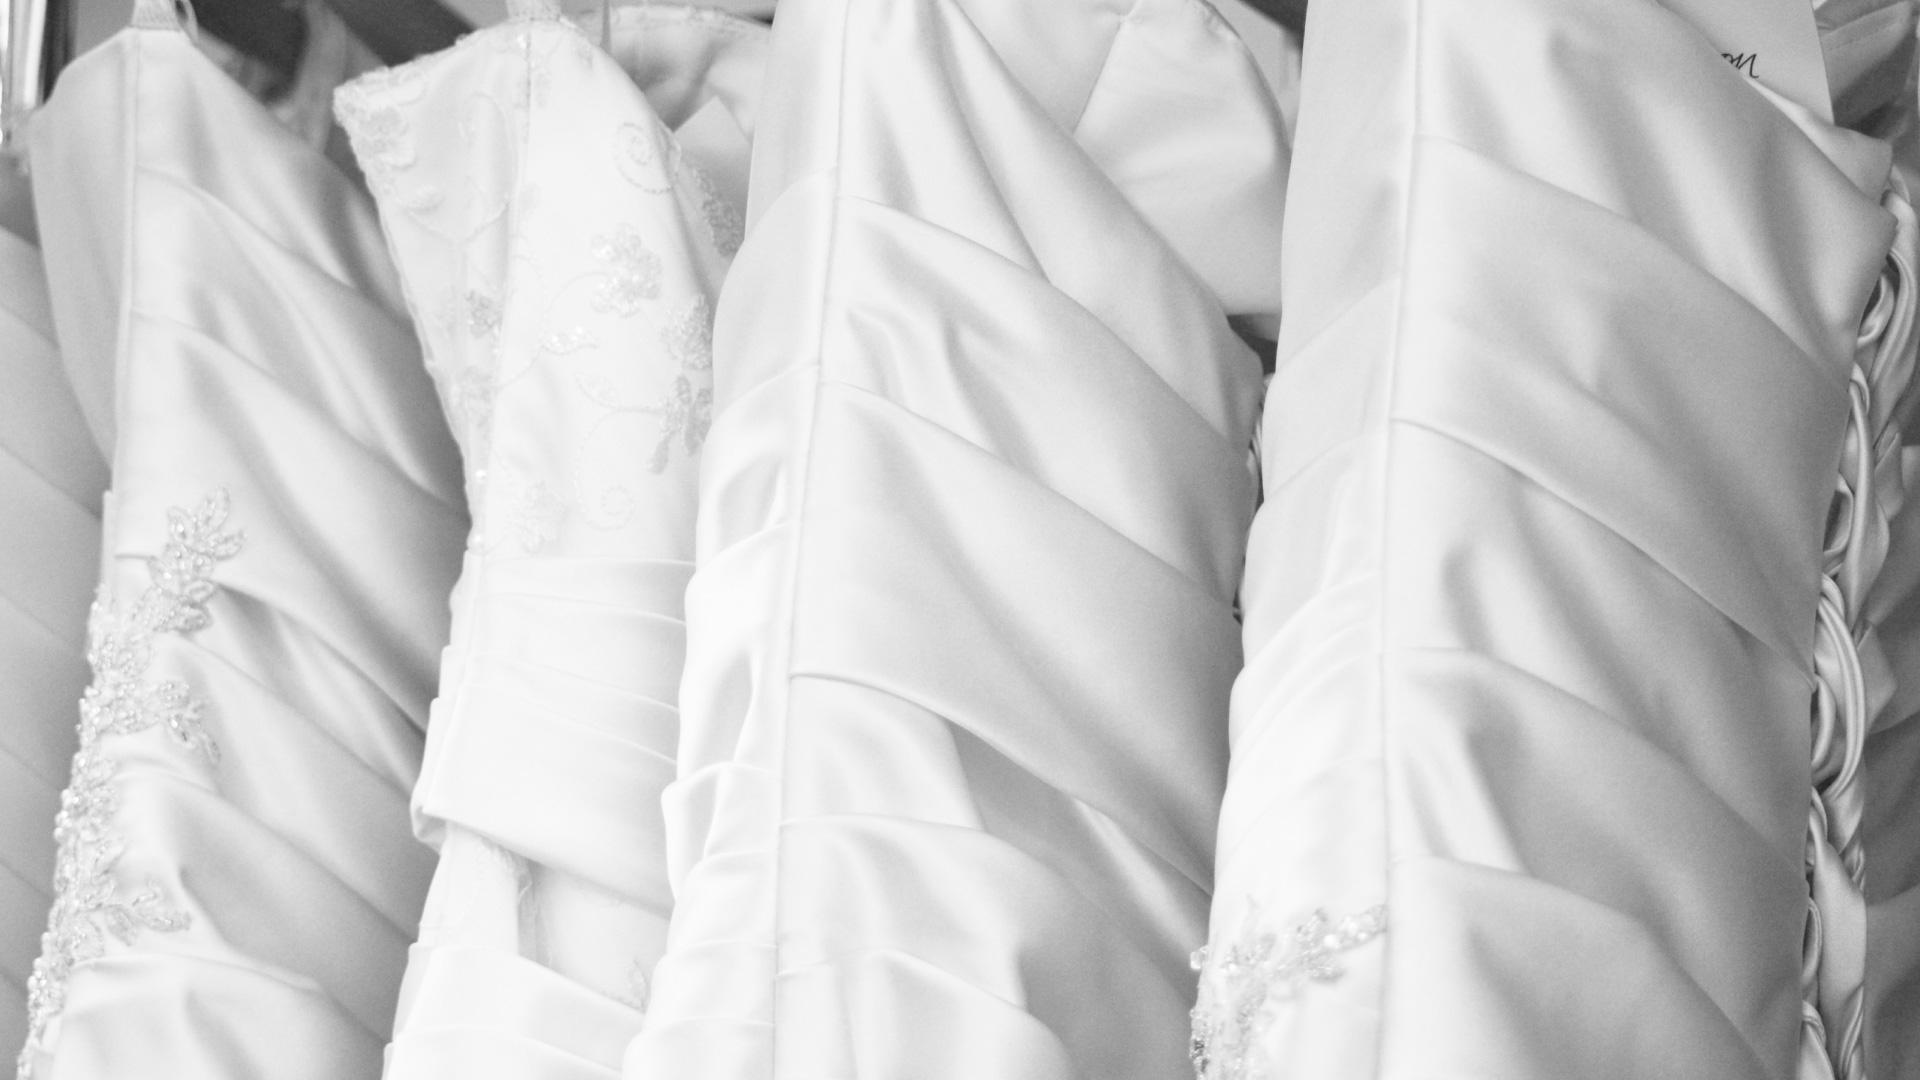 dresses-close-up-1920x1080-bw